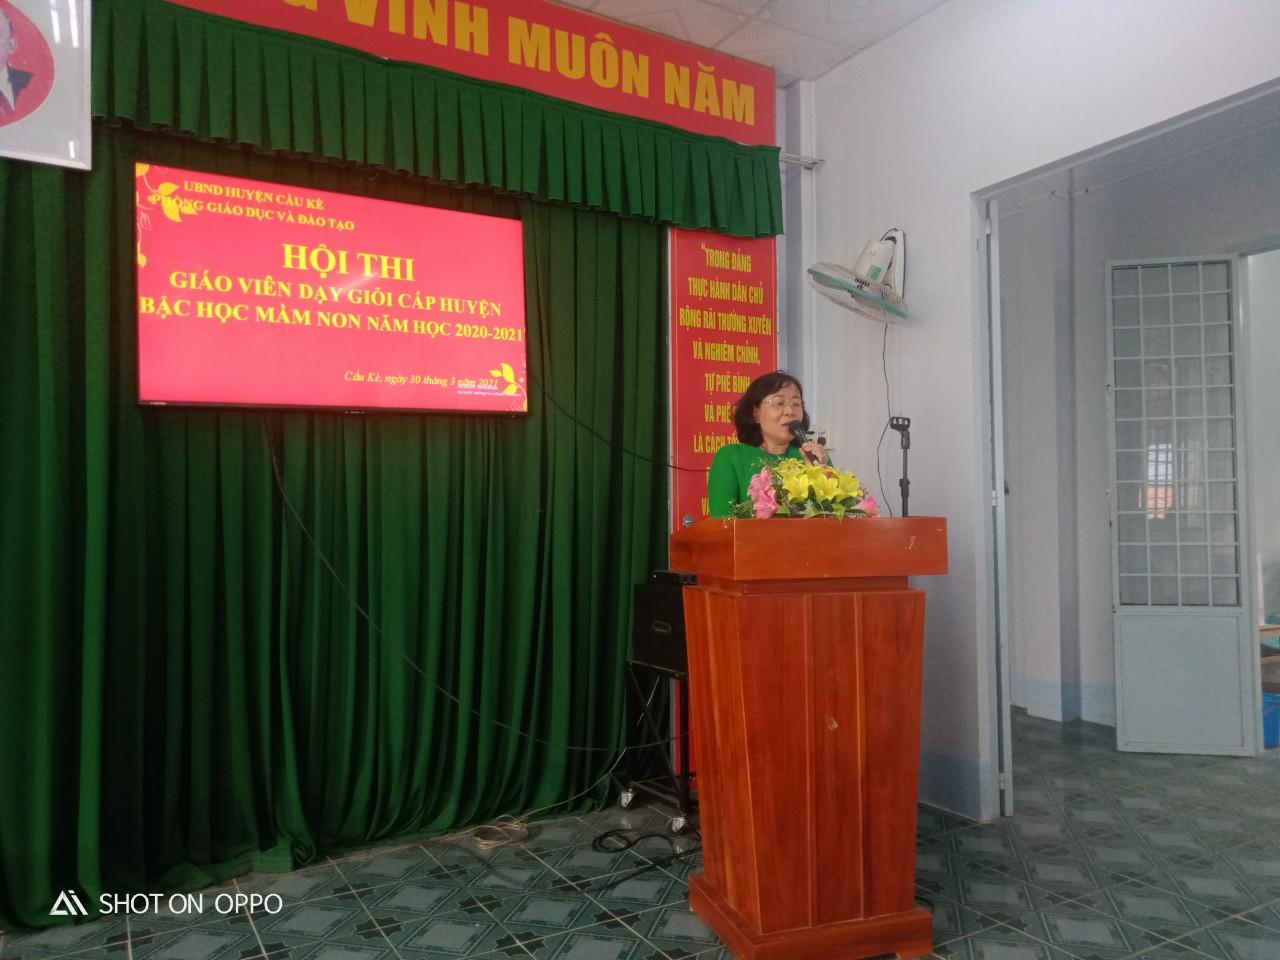 Phòng GDĐT Cầu Kè tổ chức Hội thi giáo viên dạy giỏi cấp huyện đối với Giáo dục mầm non, Năm học 2020- 2021